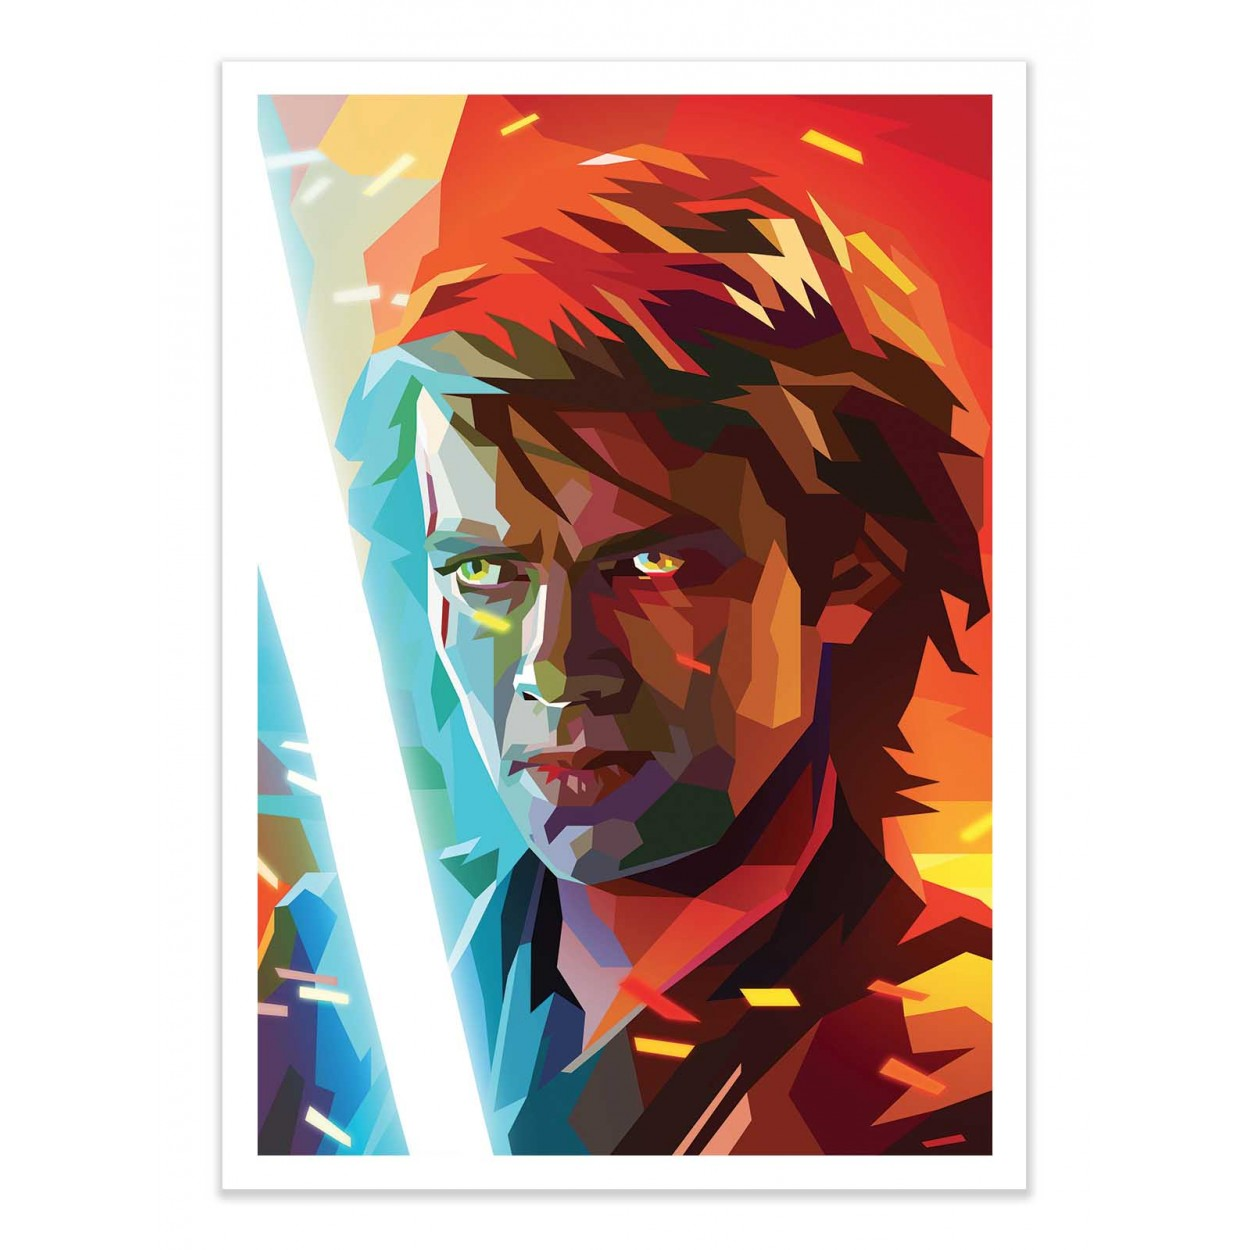 Art Poster Star Wars Anakin Skywalker By Liam Brazier